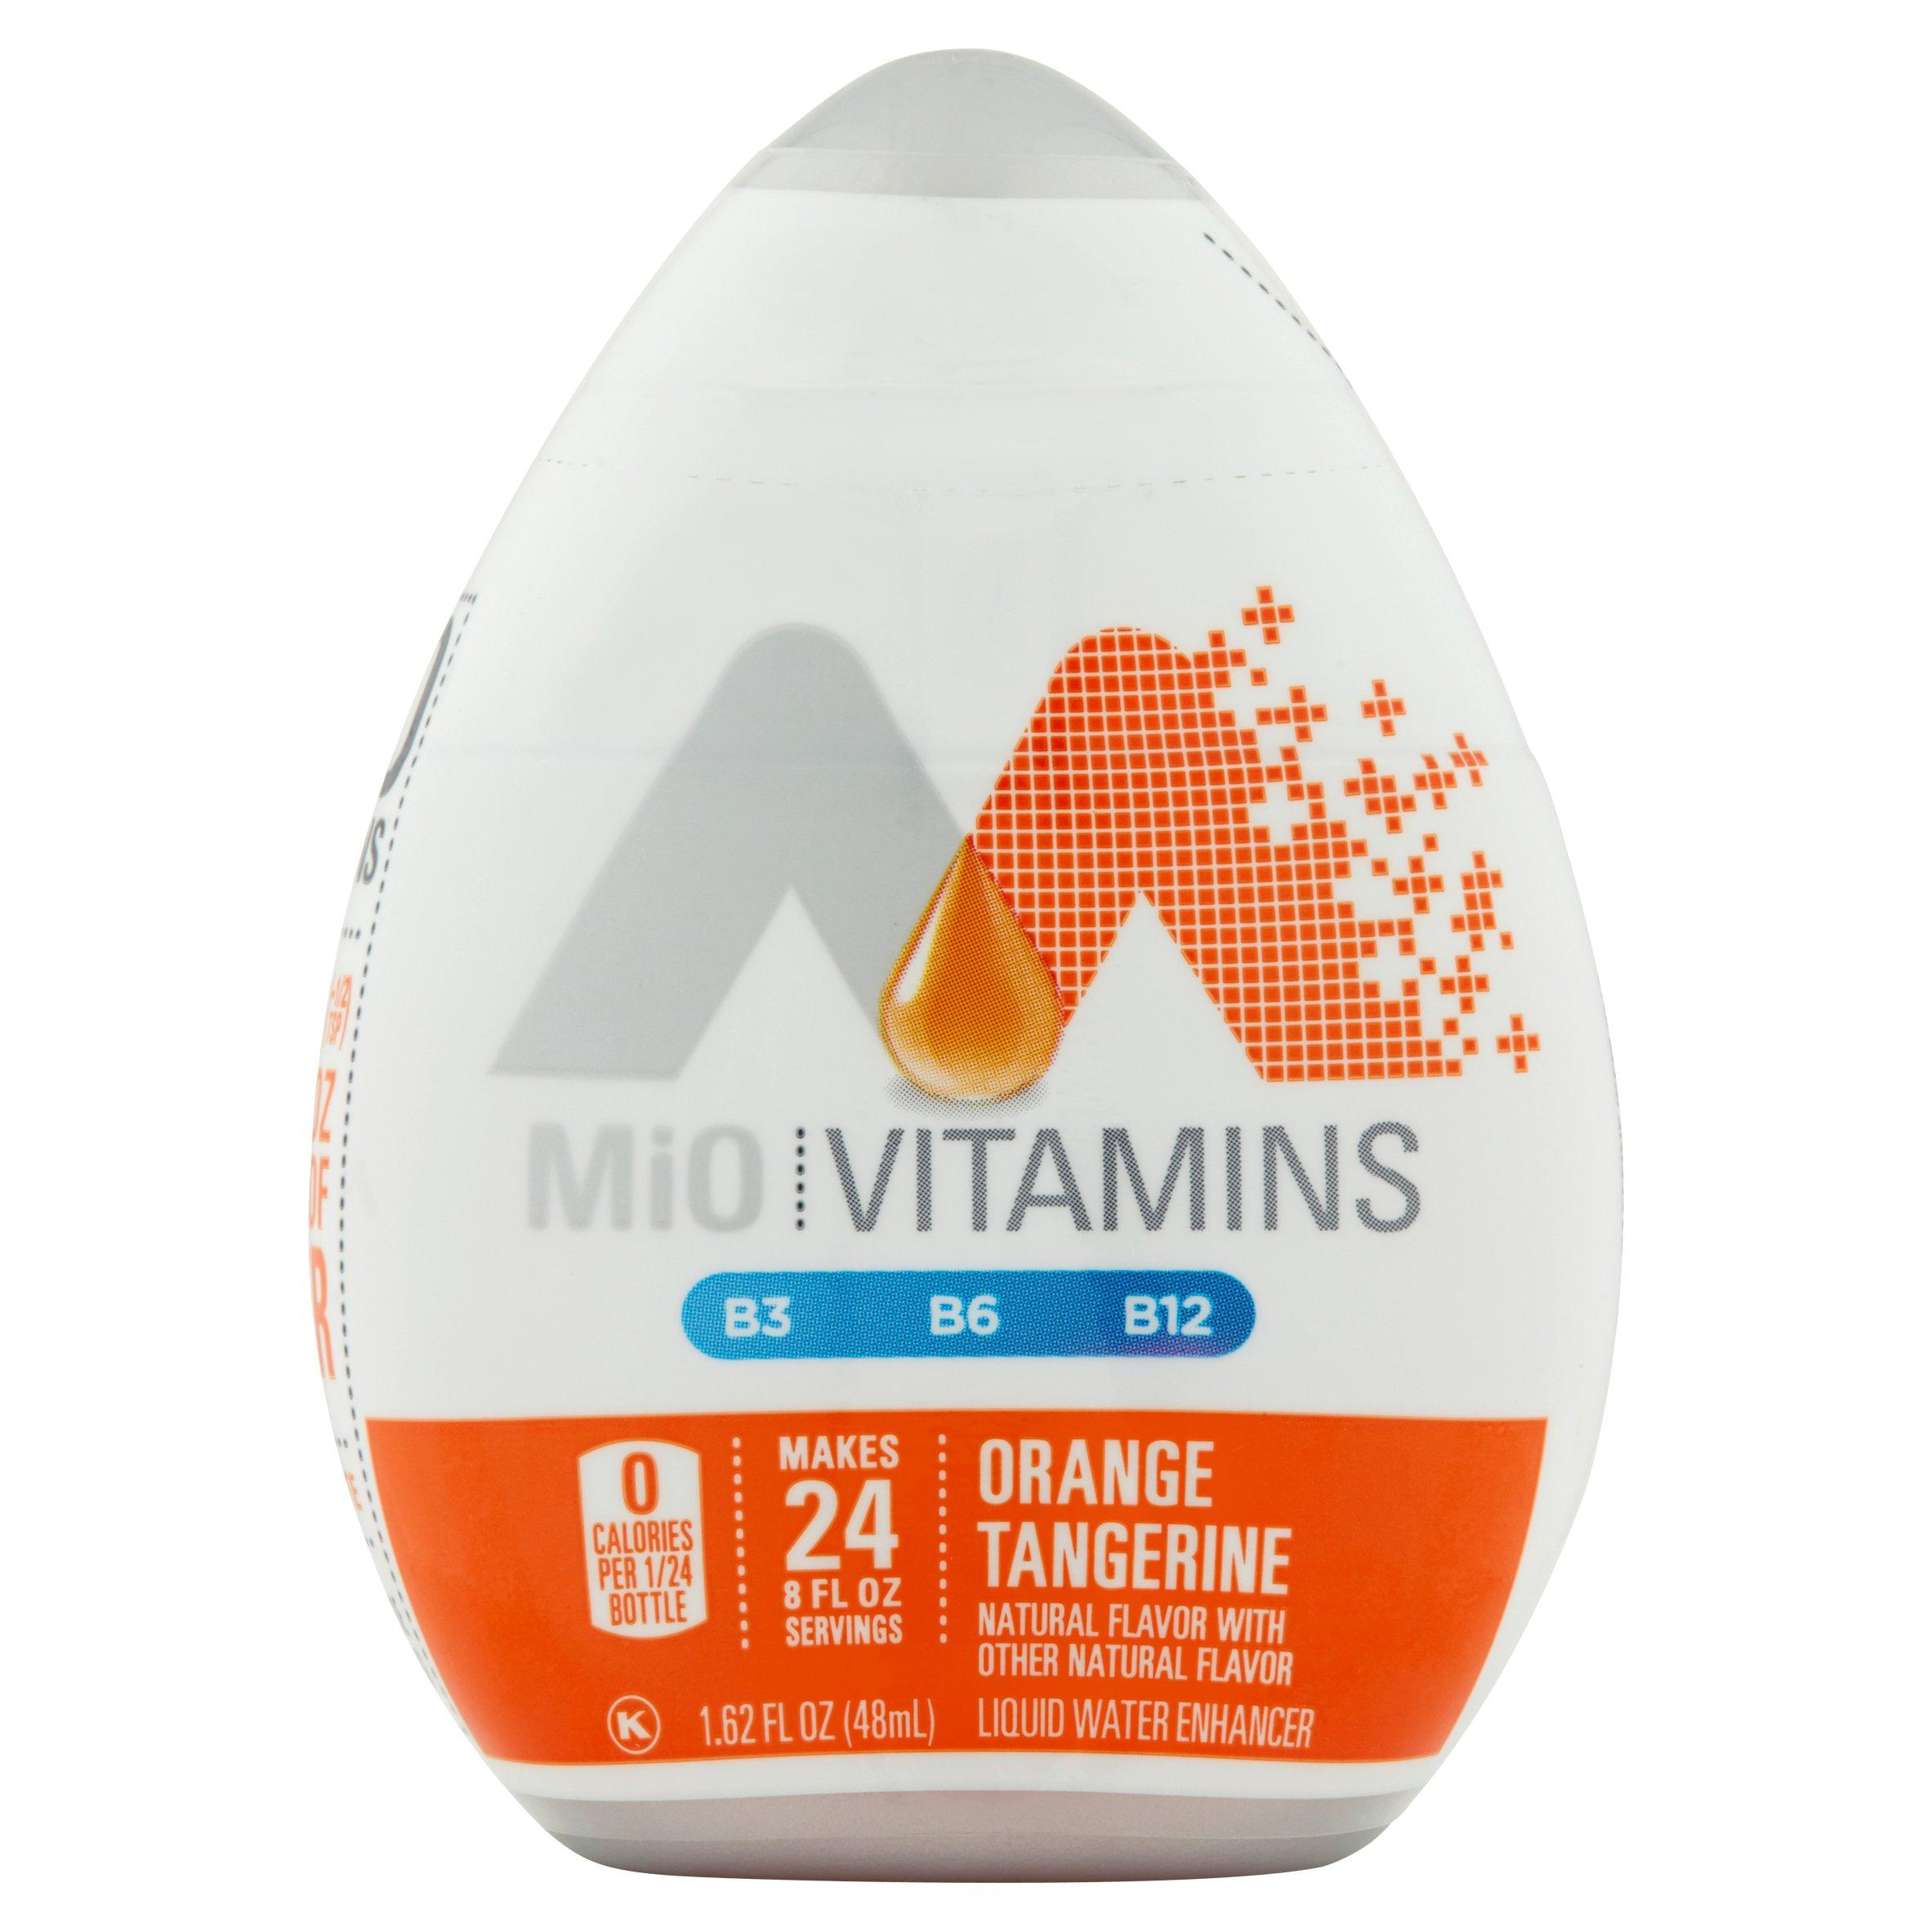 MiO Orange Tangerine Liquid Water Enhancer, 1.62 oz